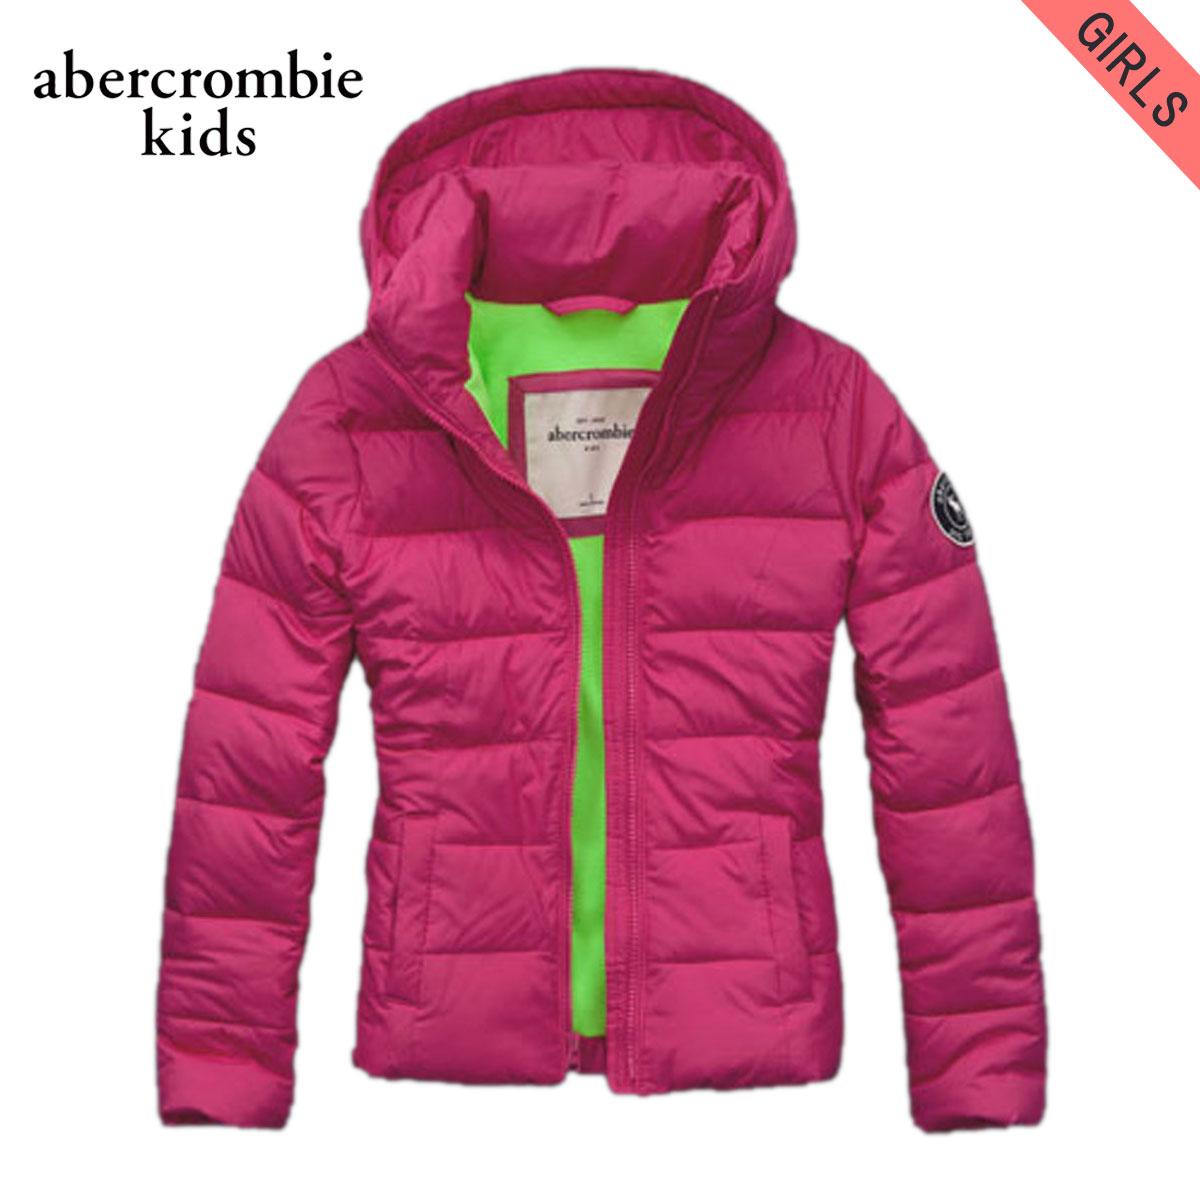 【販売期間 11/28 15:00~12/11 09:59】 アバクロキッズ AbercrombieKids 正規品 子供服 ガールズ ジャケット puffer jacket HOT PINK D20S30